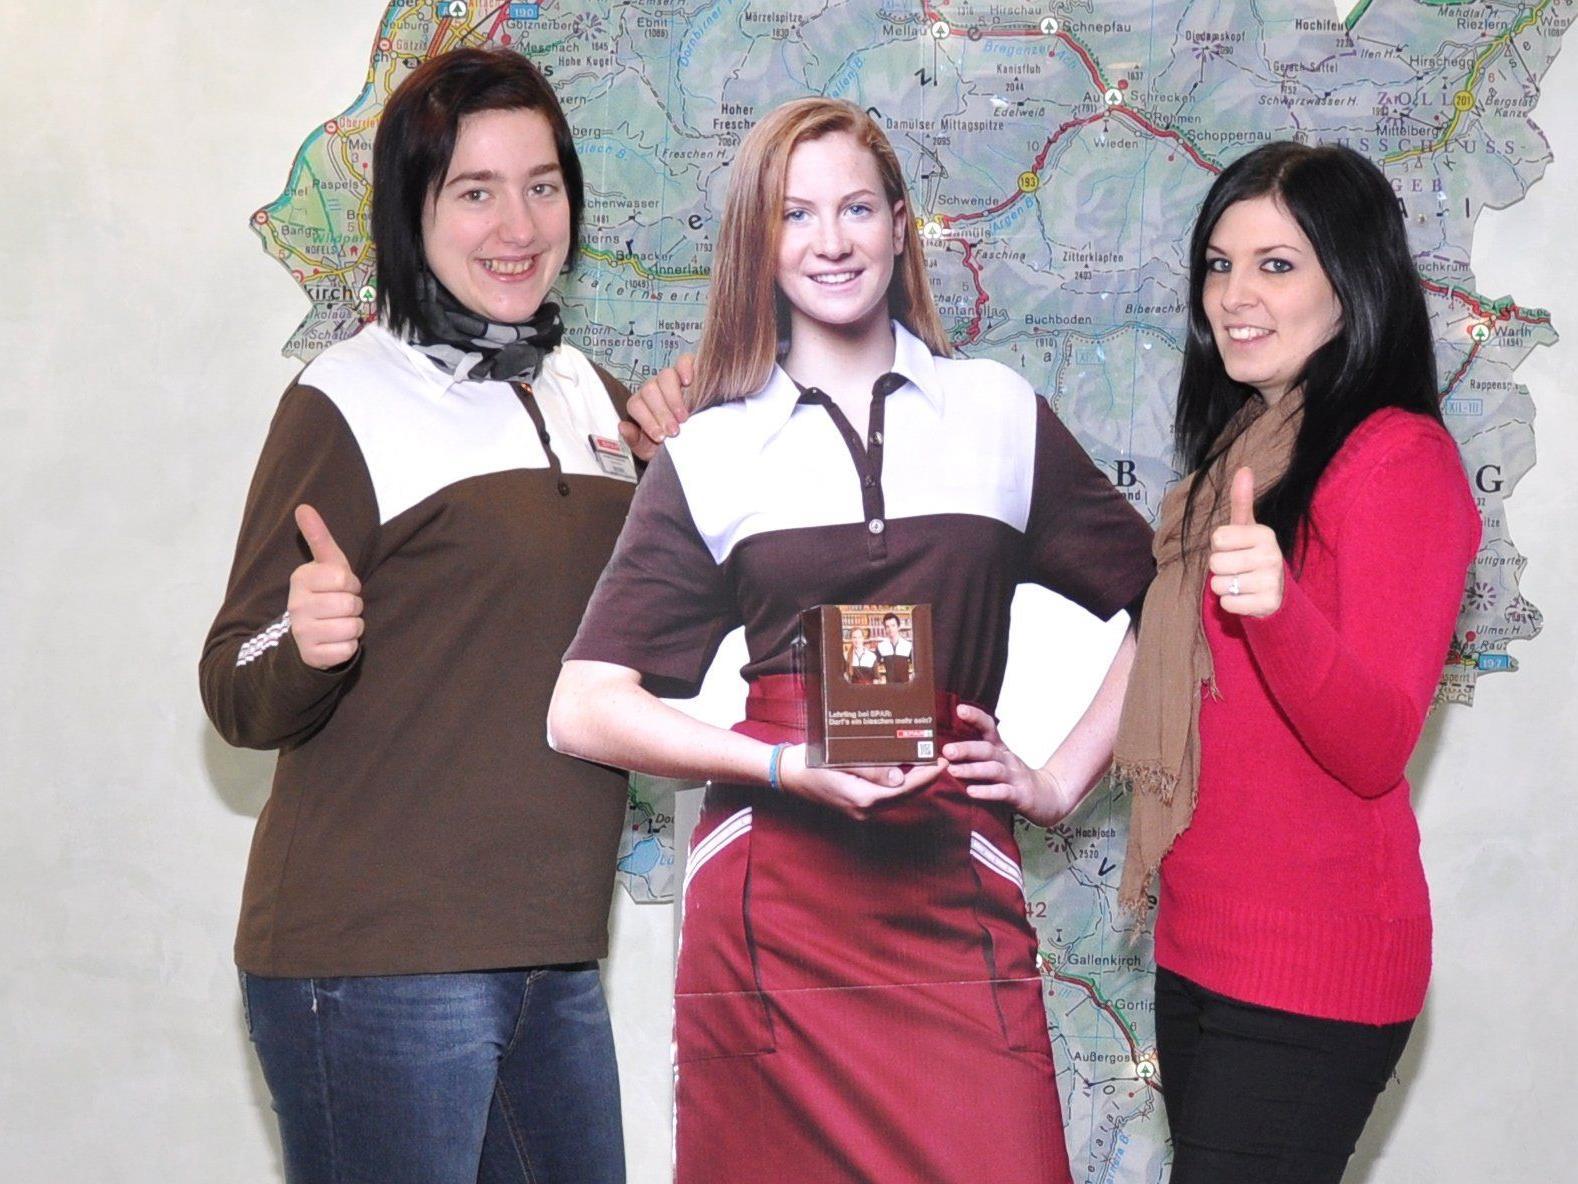 Sabrina Fitz (Lehrlingsverantwortliche SPAR-Zentrale Dornbirn) und Jennifer Hubmann (Marktleiterin SPAR-Supermarkt Dornbirn-Fischbach) haben ihre SPAR-Karriere auf ihre persönliche Weise geformt.